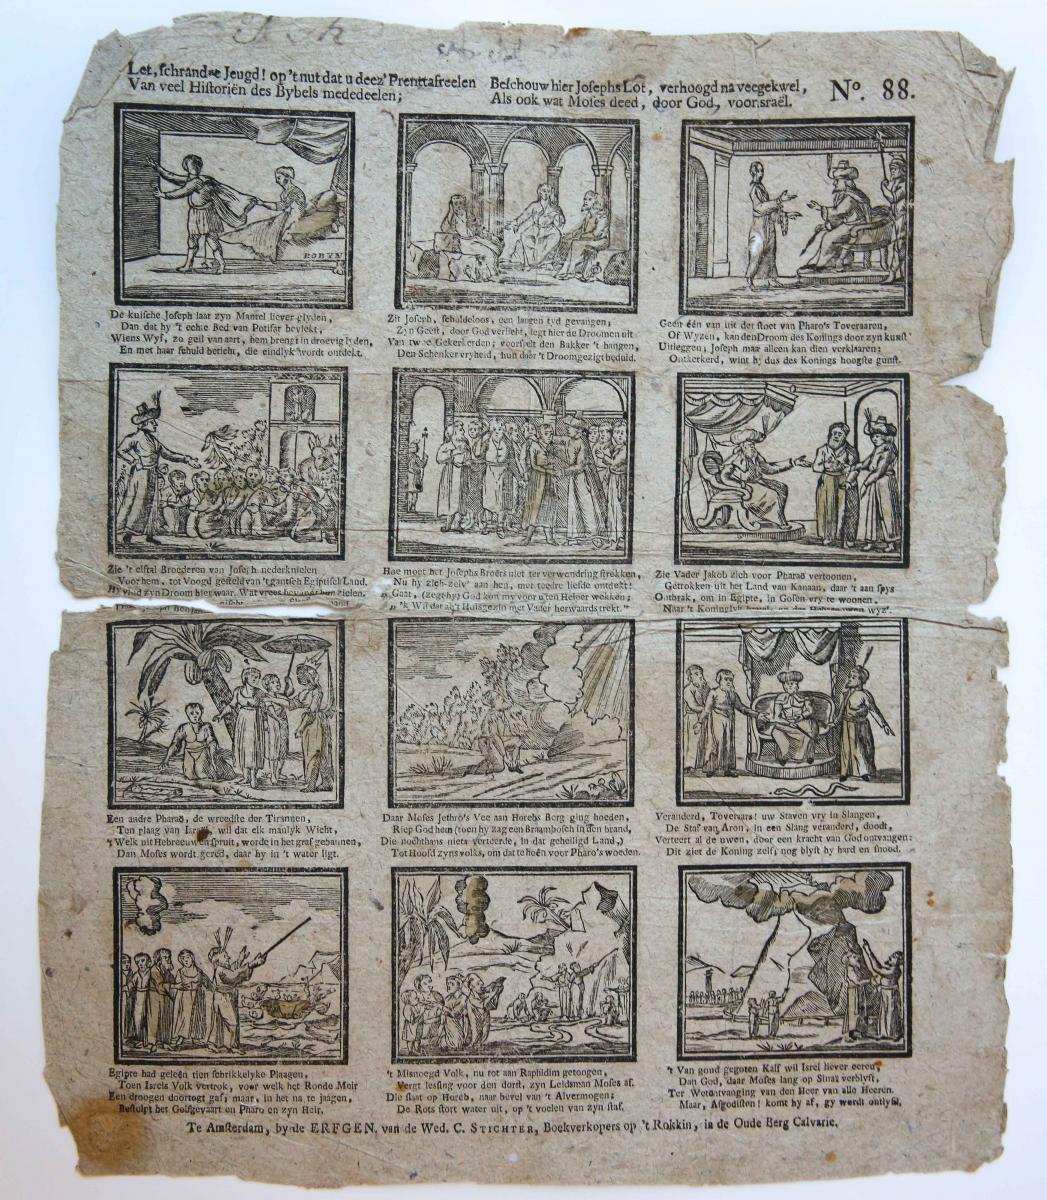 Centsprent: Let, schrandre Jeugd! Op 't nut dat u deez' prent-tafreelen / Van veel Historiën des Bybels mededelen, no. 88.